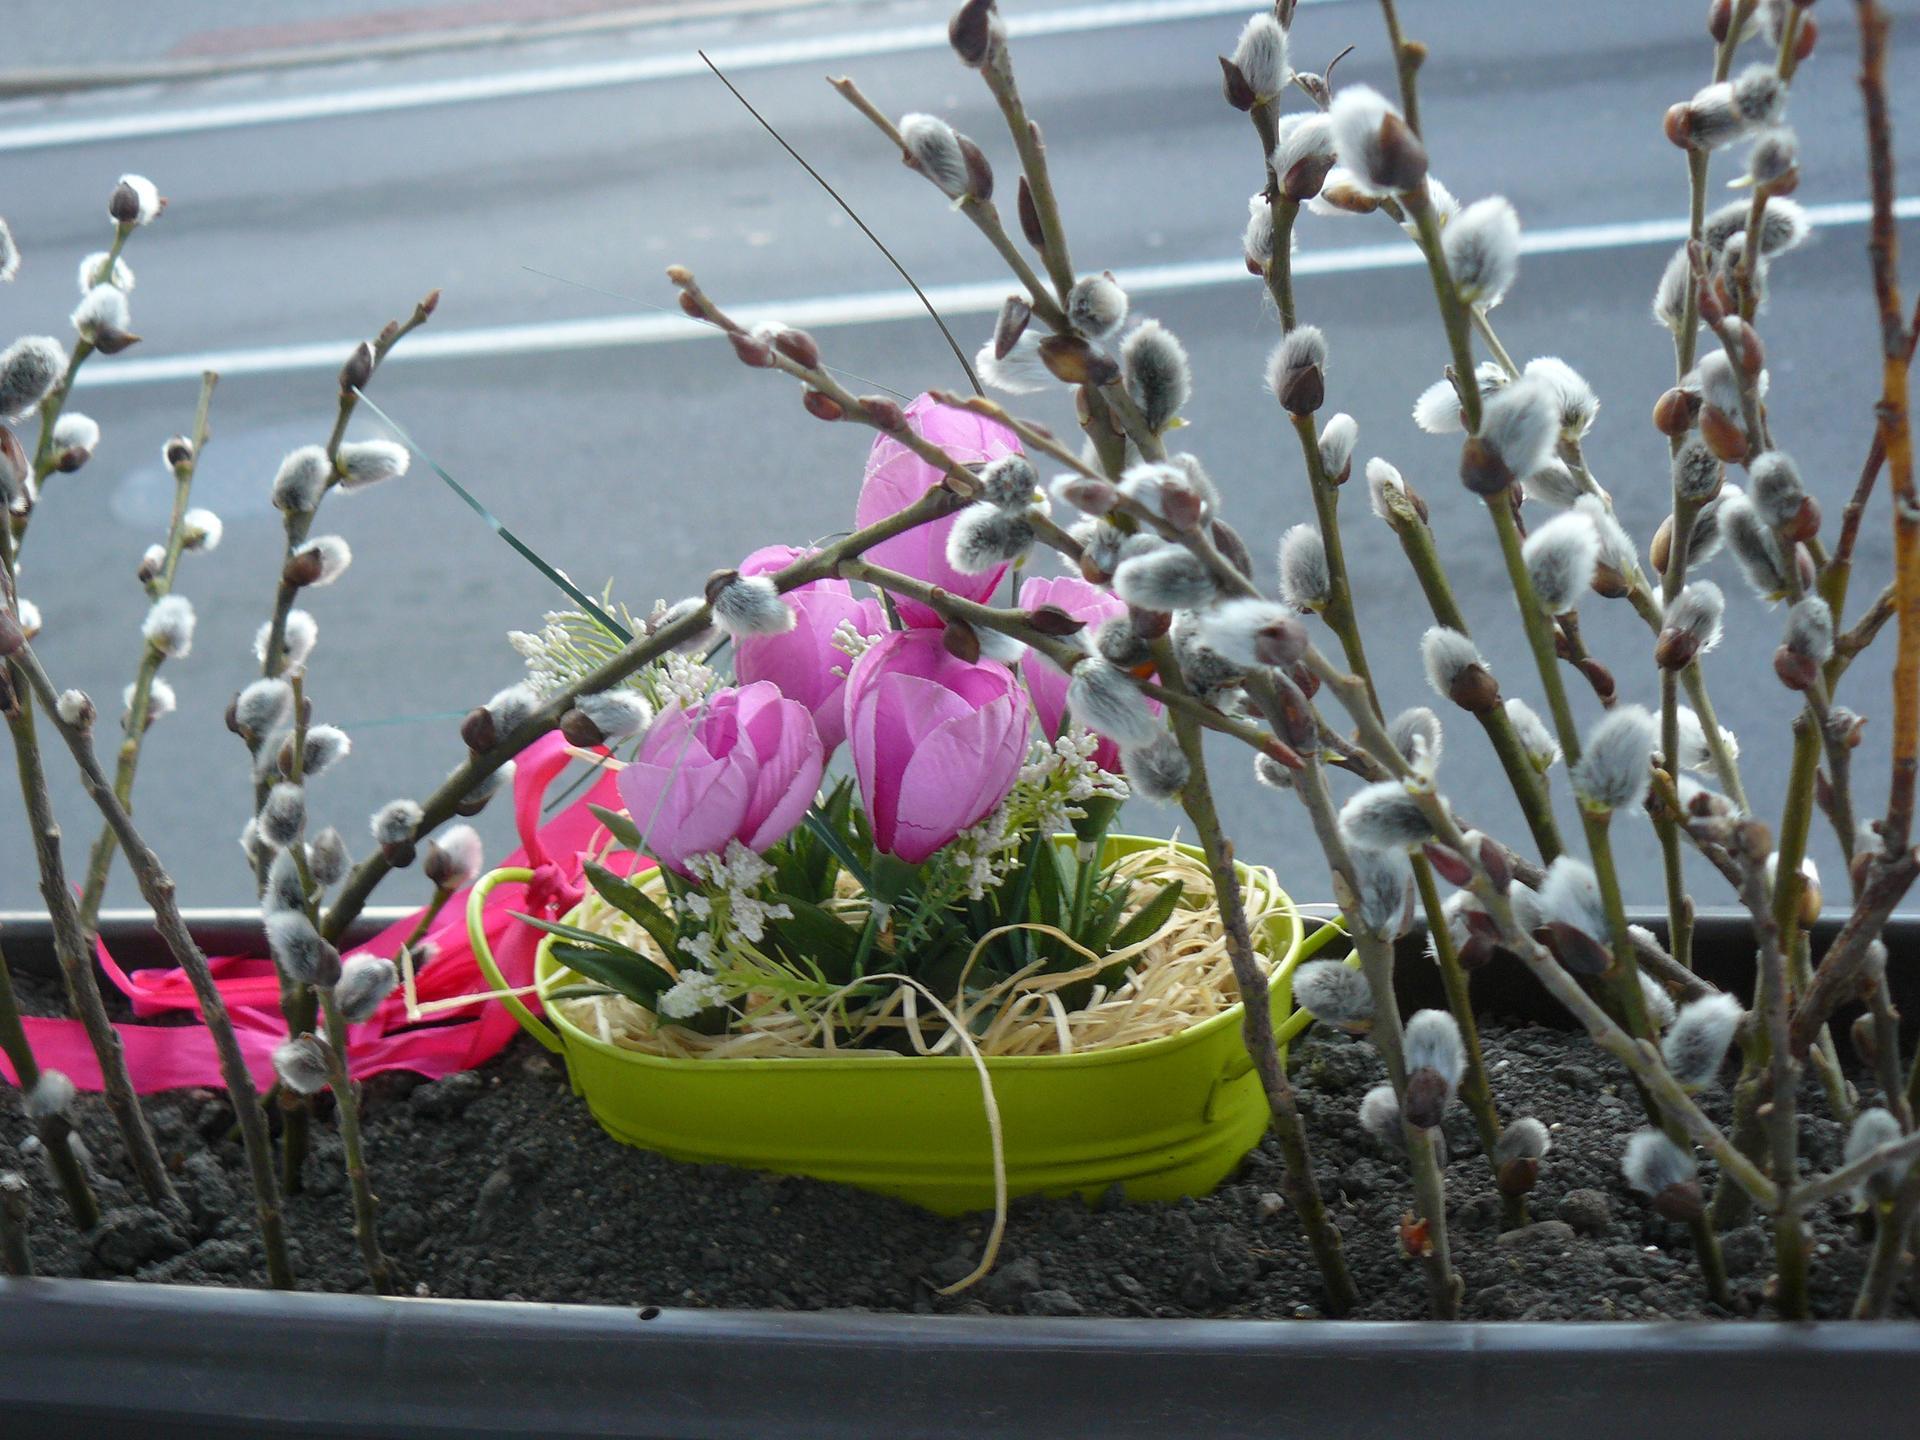 Domov 2020 - Okno v pokojíčku. Trošku jaro - počasí je nevyzpytatelné, tak zatím umělá květina.